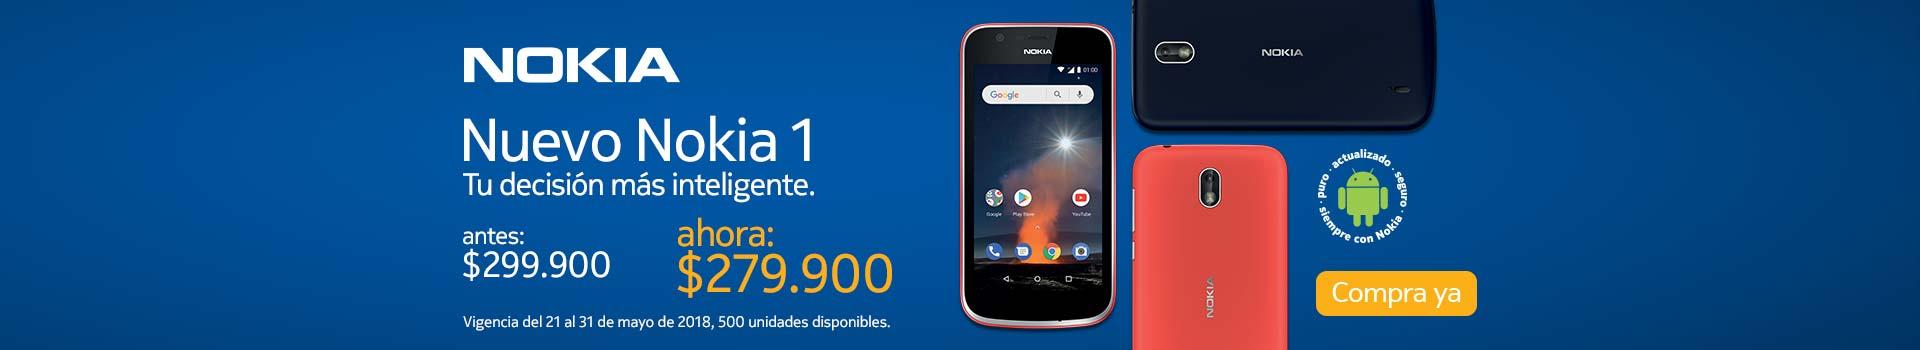 AK-KT-BCAT-4-celulares-PP---Nokia-Nokia1-May22